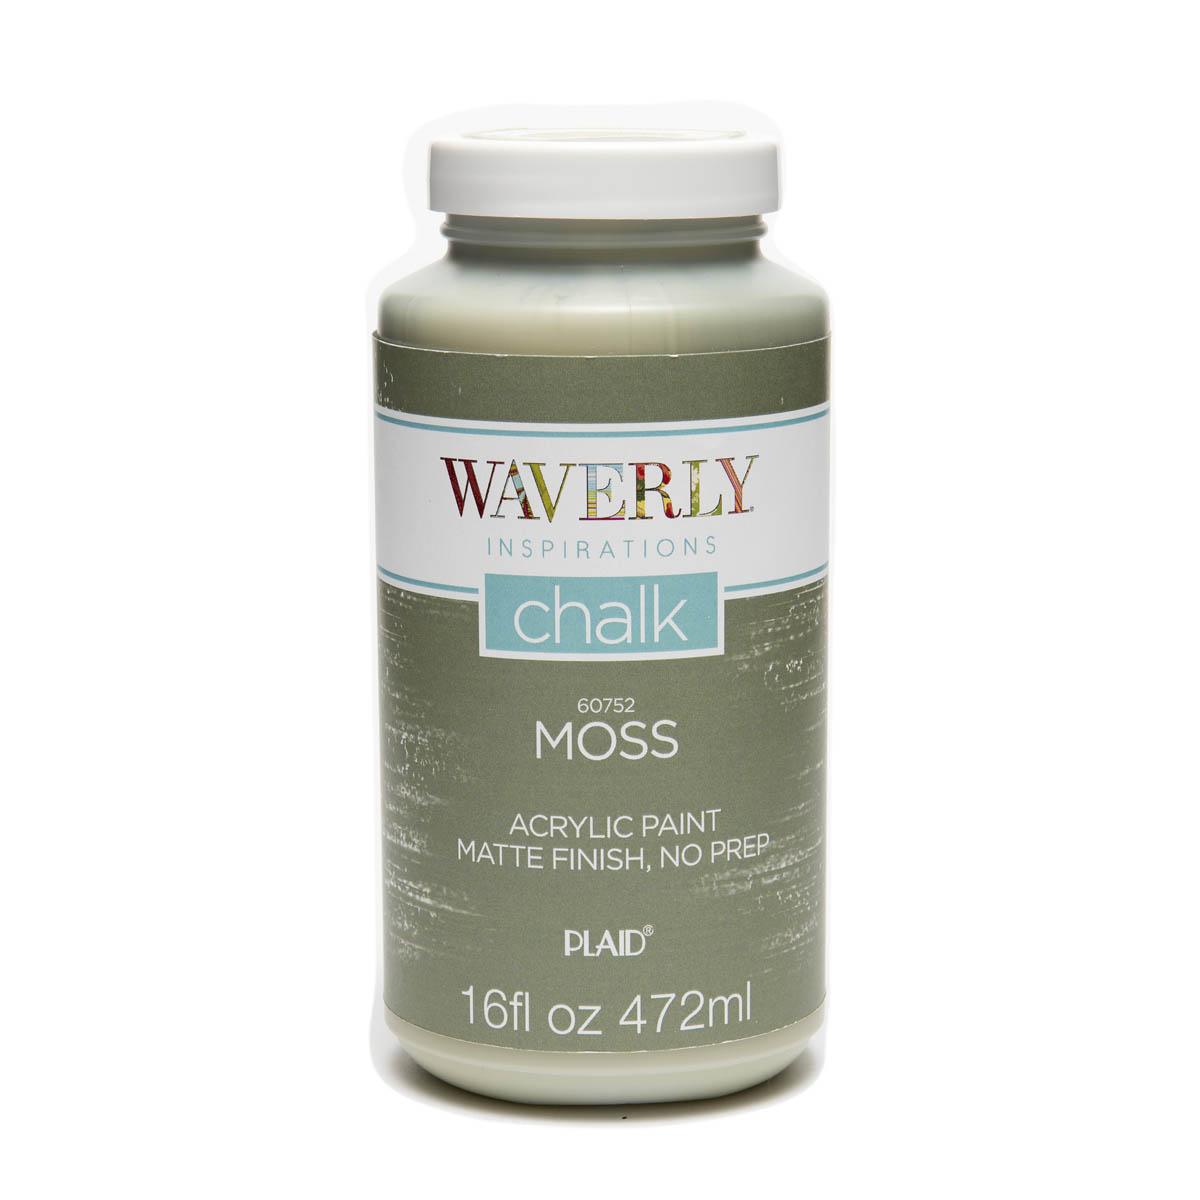 Waverly ® Inspirations Chalk Finish Acrylic Paint - Moss, 16 oz. - 60752E